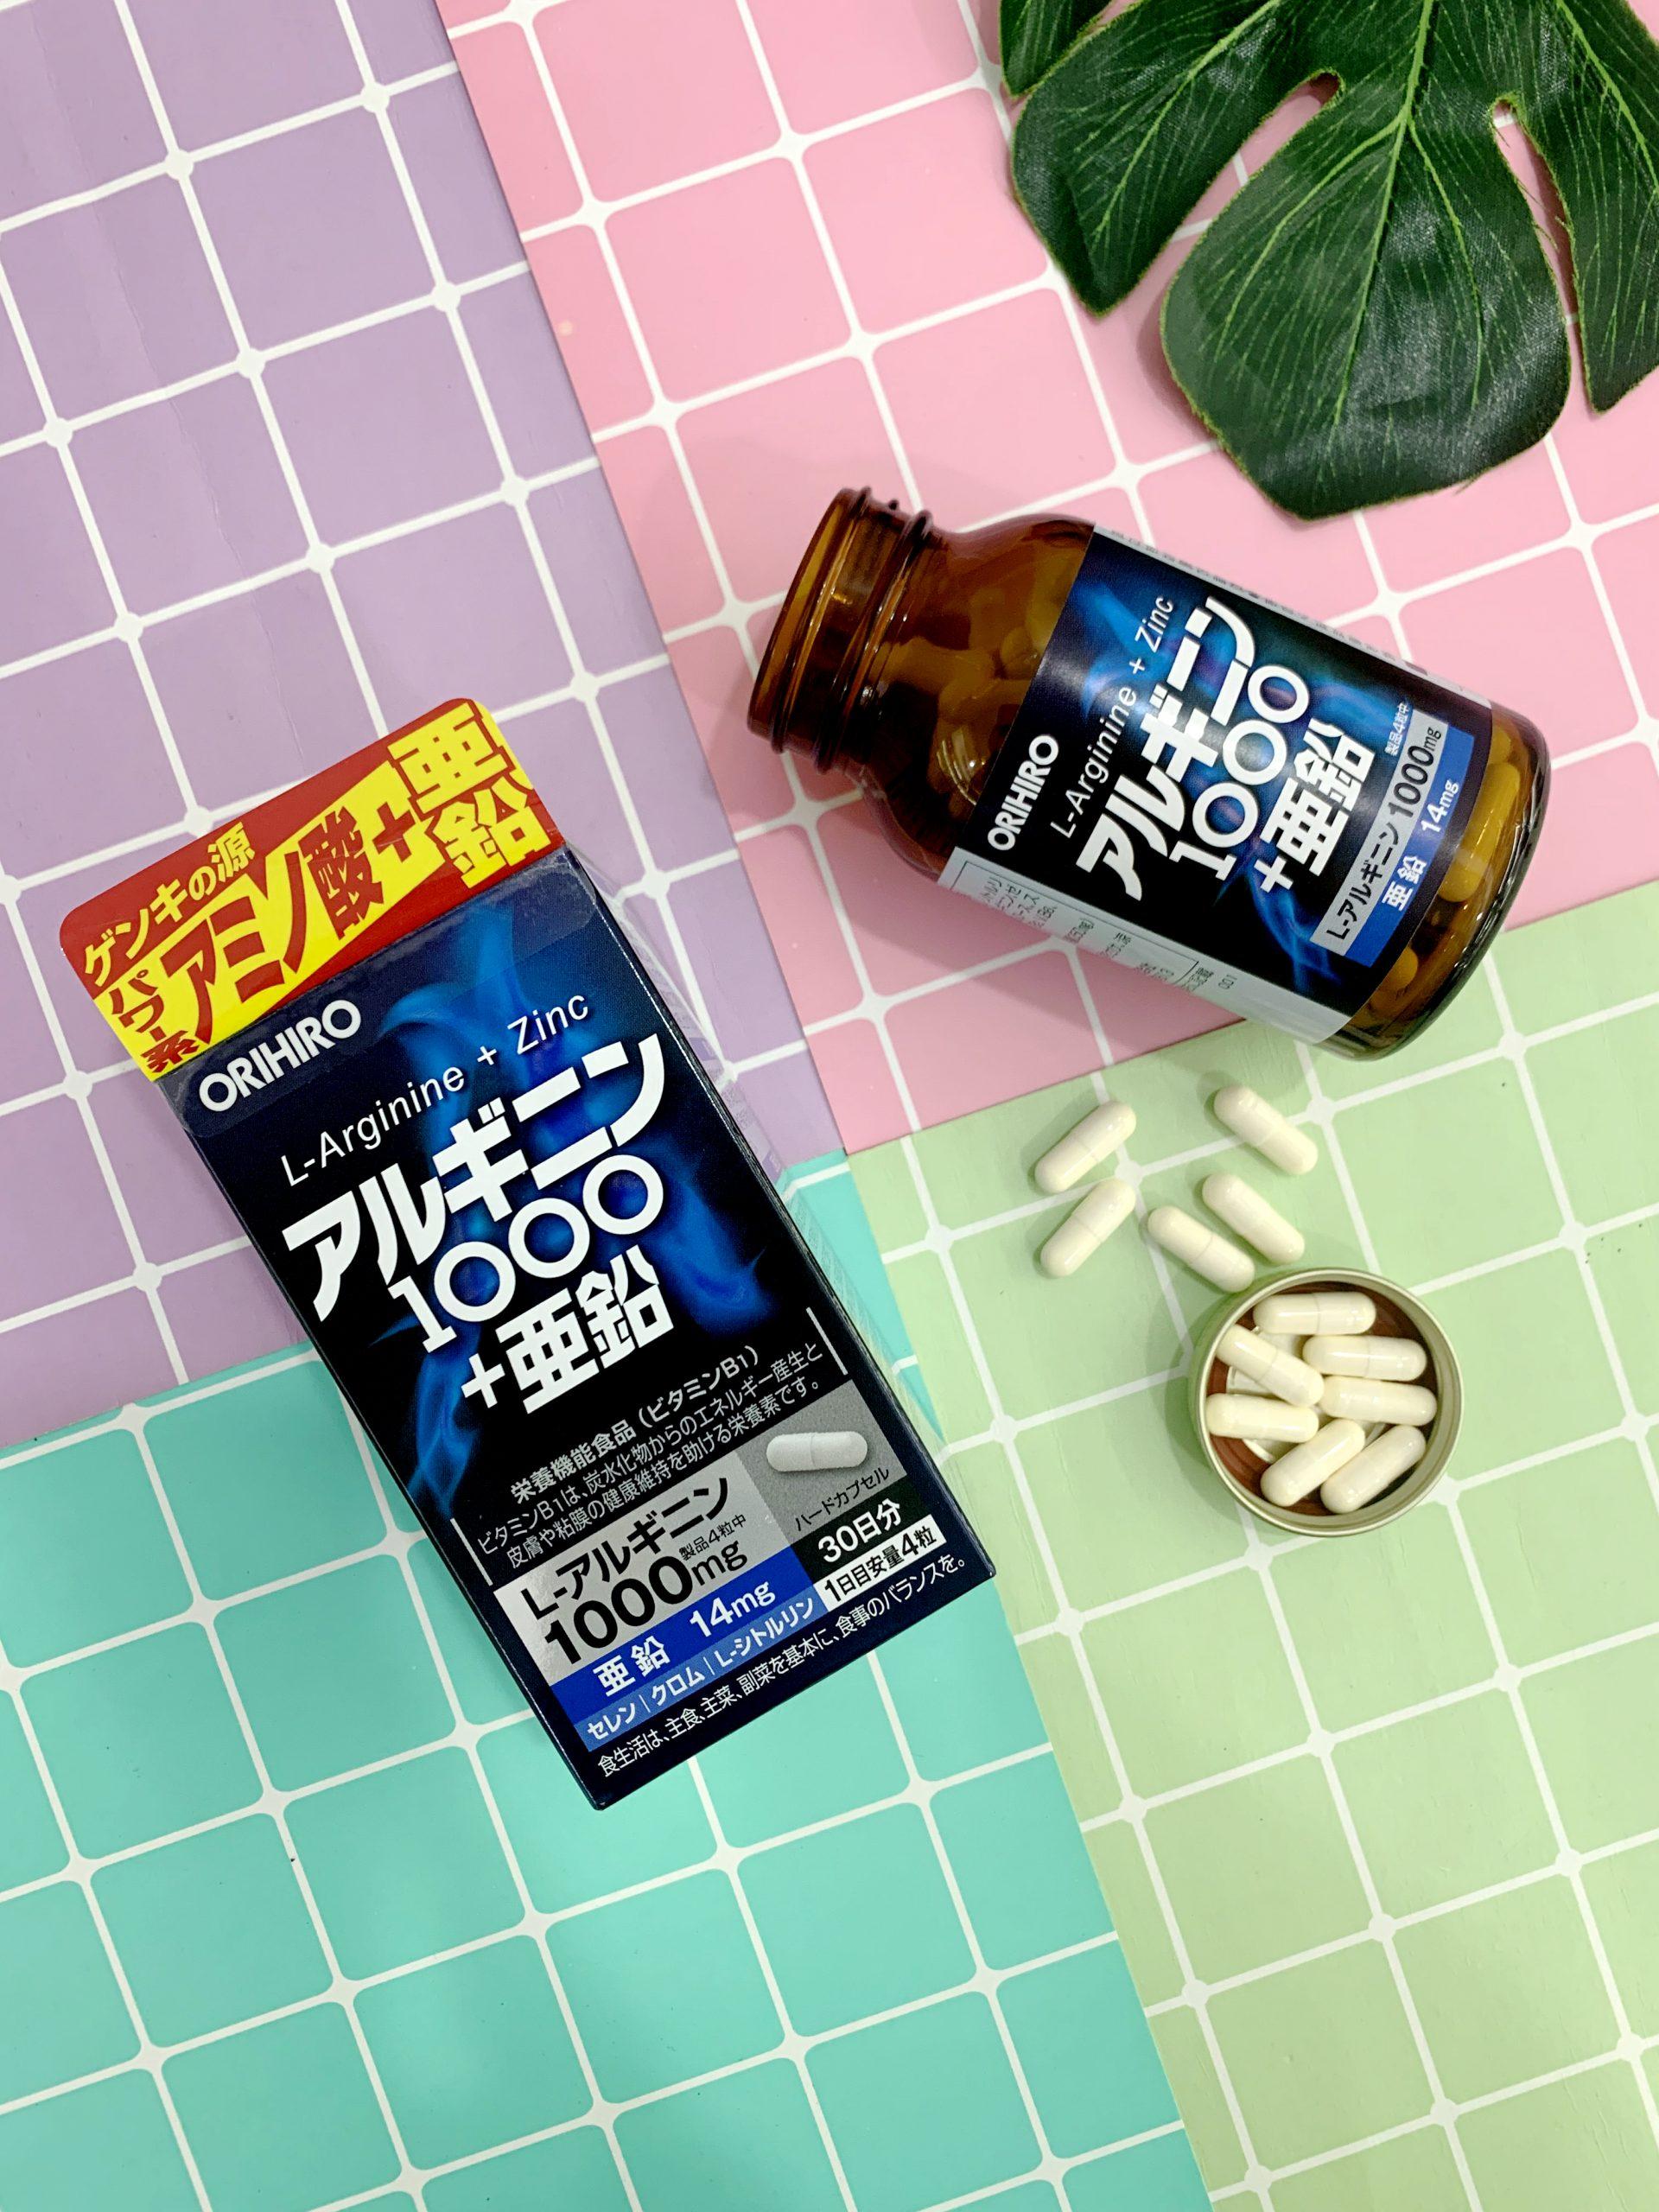 Viên uống Orihiro L-Arginine 1000mg Và Zinc hỗ trợ sức khỏe sinh lý nam hiệu quả